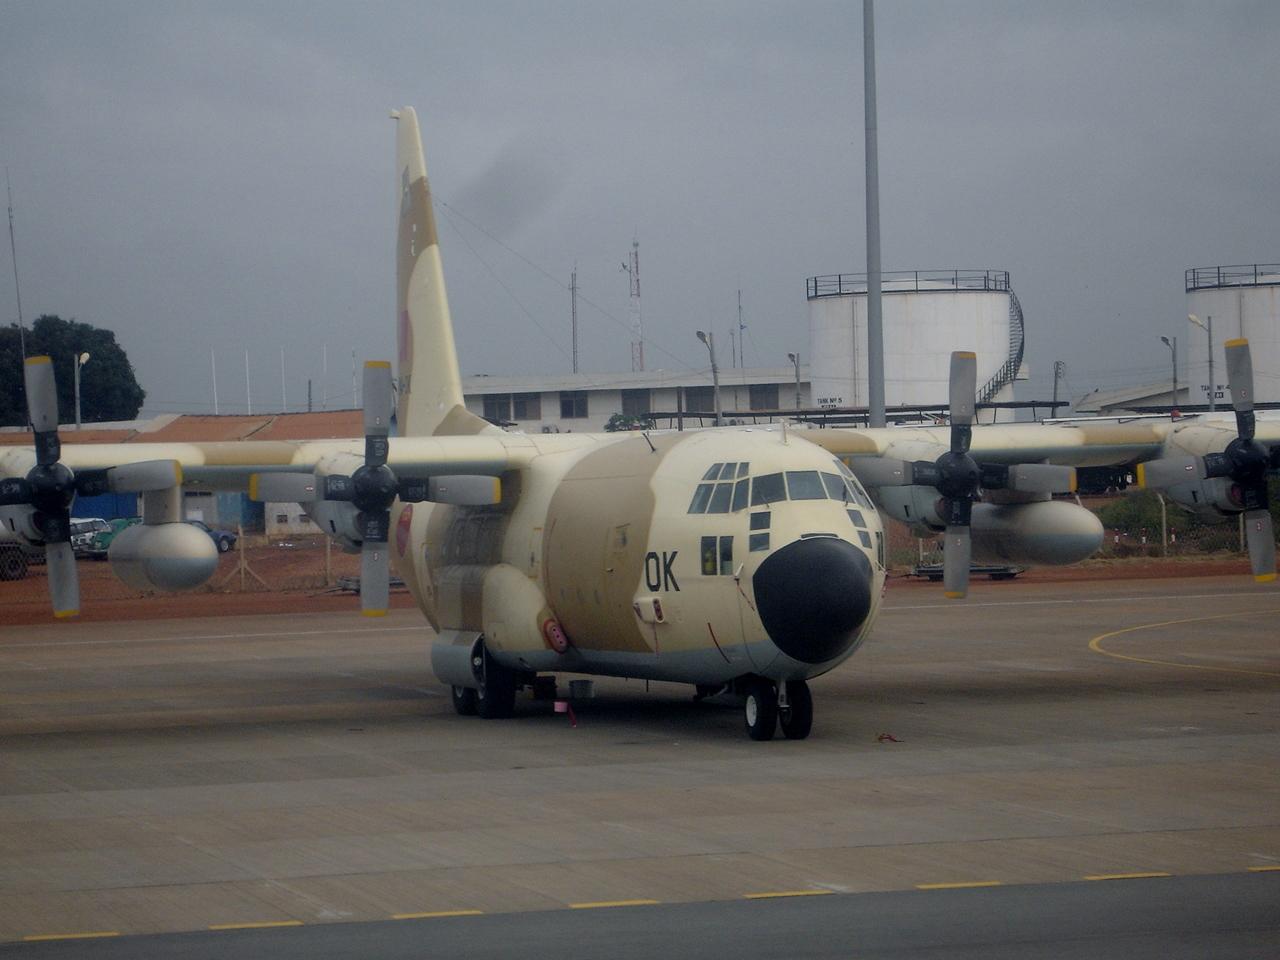 FRA: Photos d'avions de transport - Page 21 15349056174_a700e03df4_o